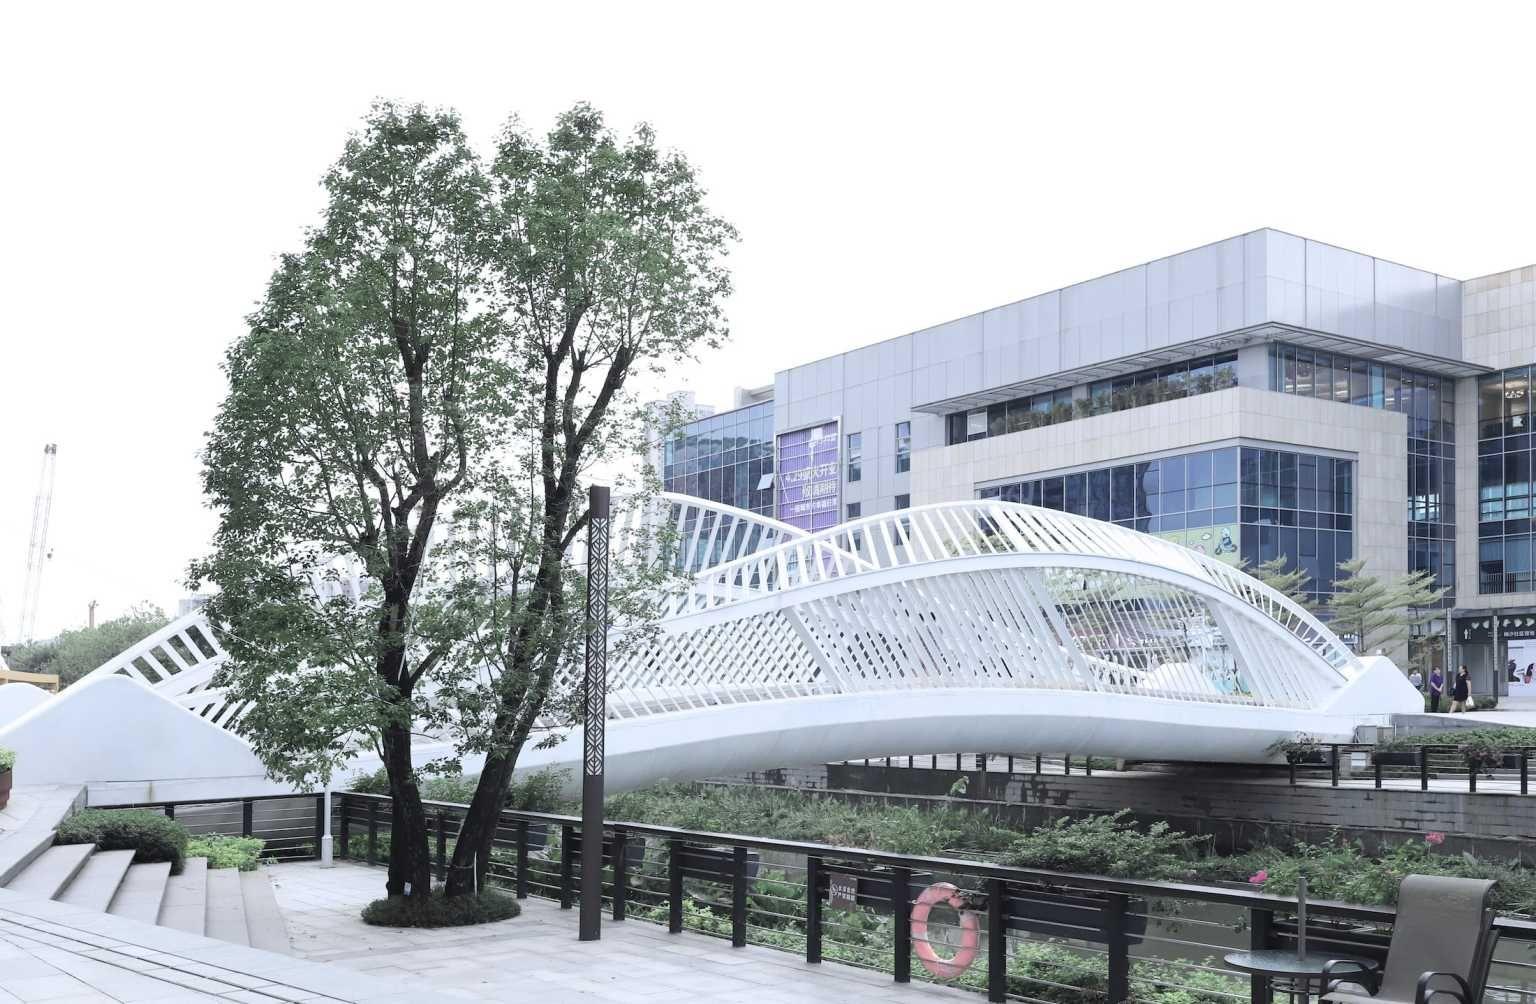 基盛万科中央公园 黑白灰建筑空间摄影 mooool木藕设计网 panyu central park park